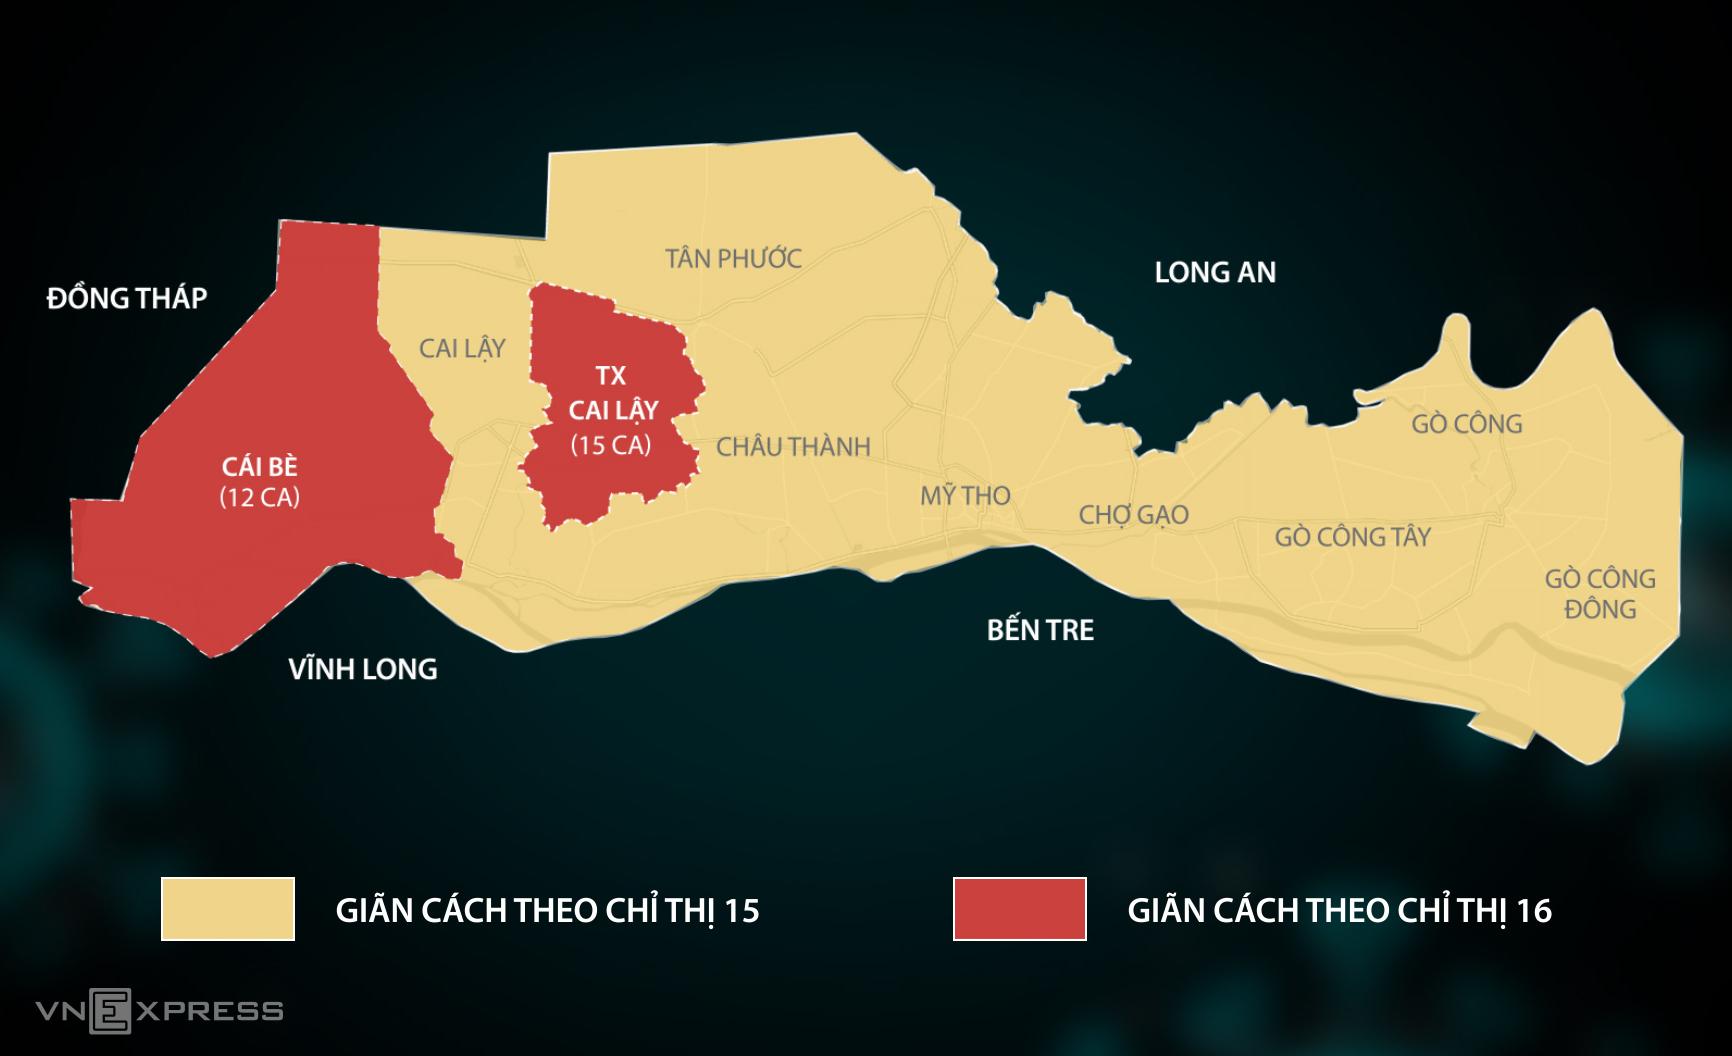 Thị xã Cai Lậy và huyện Cái Bè áp dụng giãn cách theo Chỉ thị 16. Đồ họa: Lê Huyền